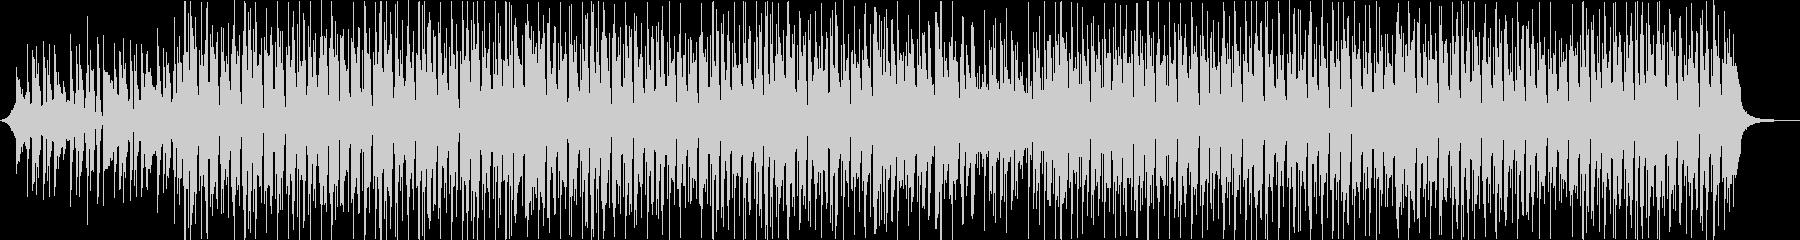 ギターウクレレパーカッションの軽いアコーの未再生の波形